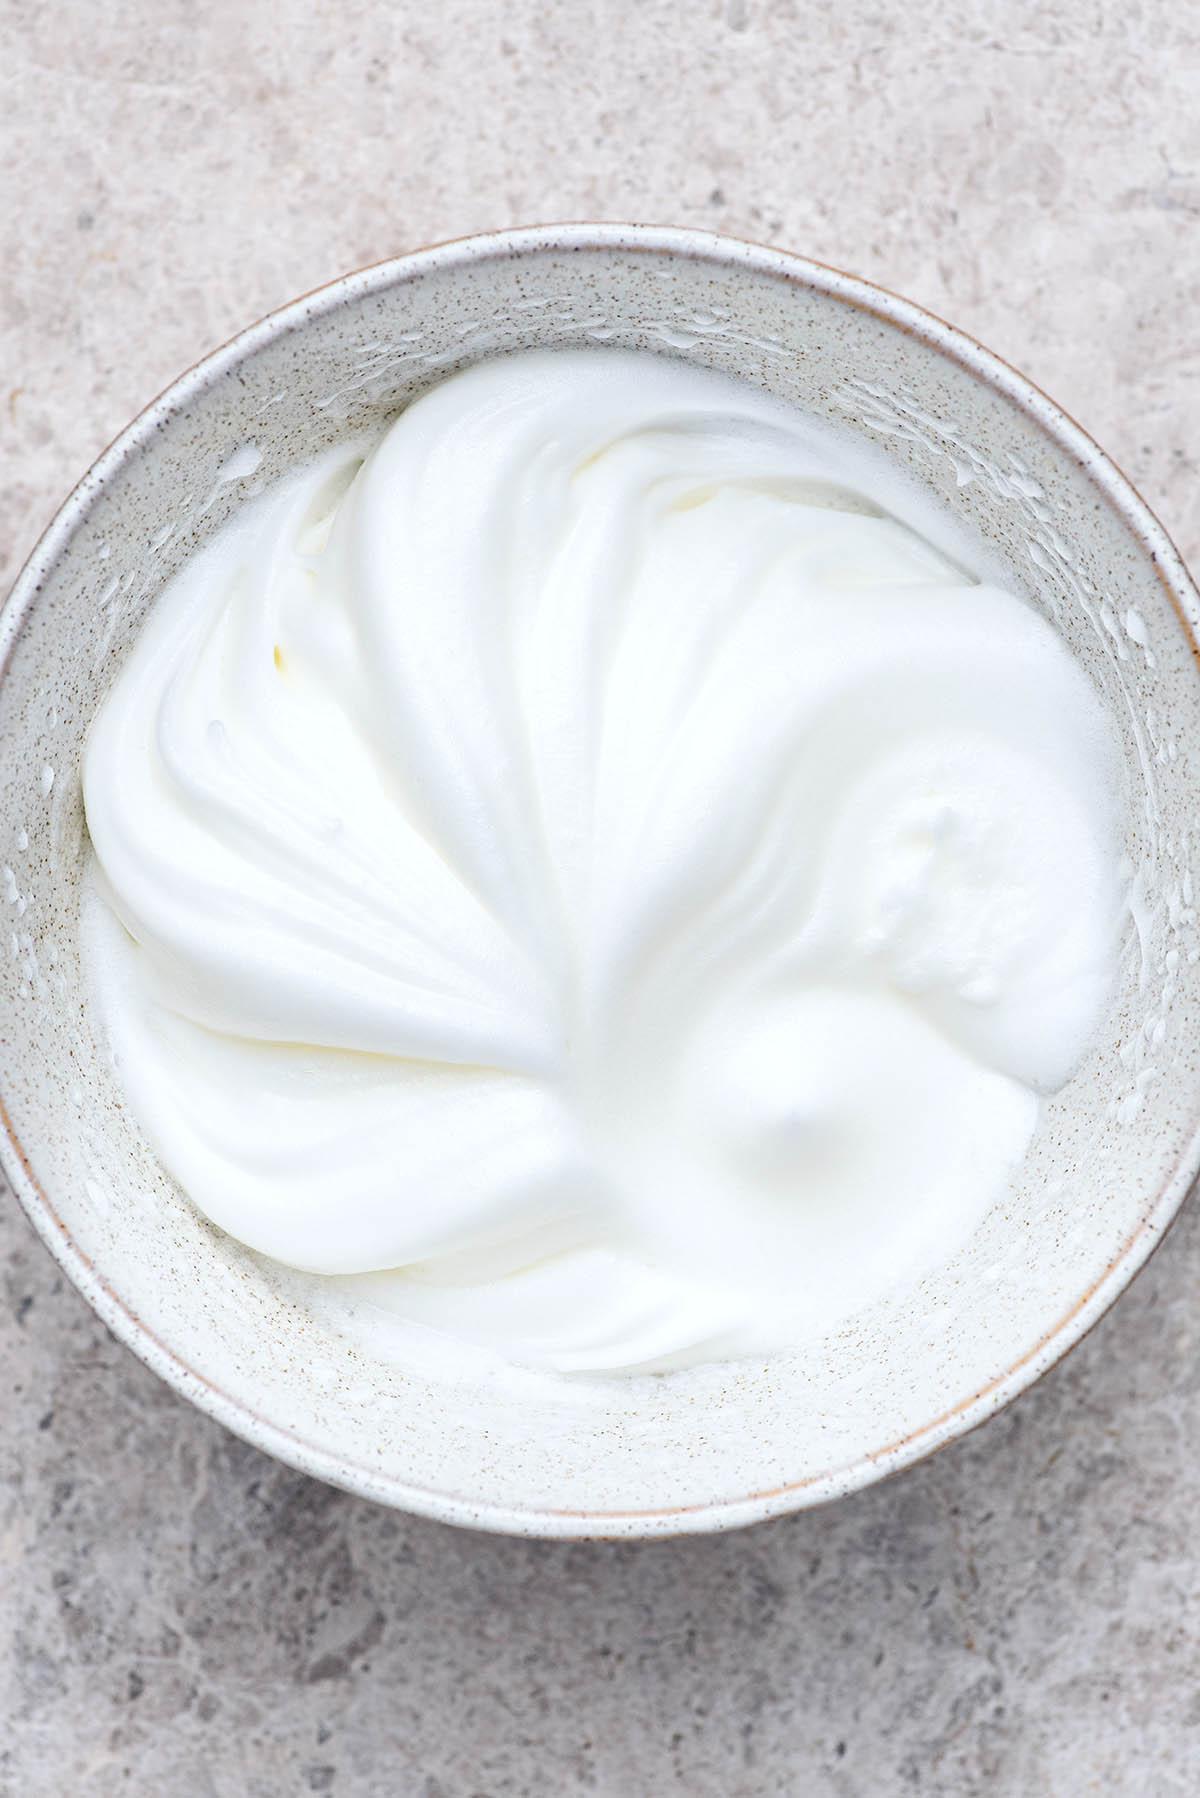 Egg whites beaten to stiff peaks.